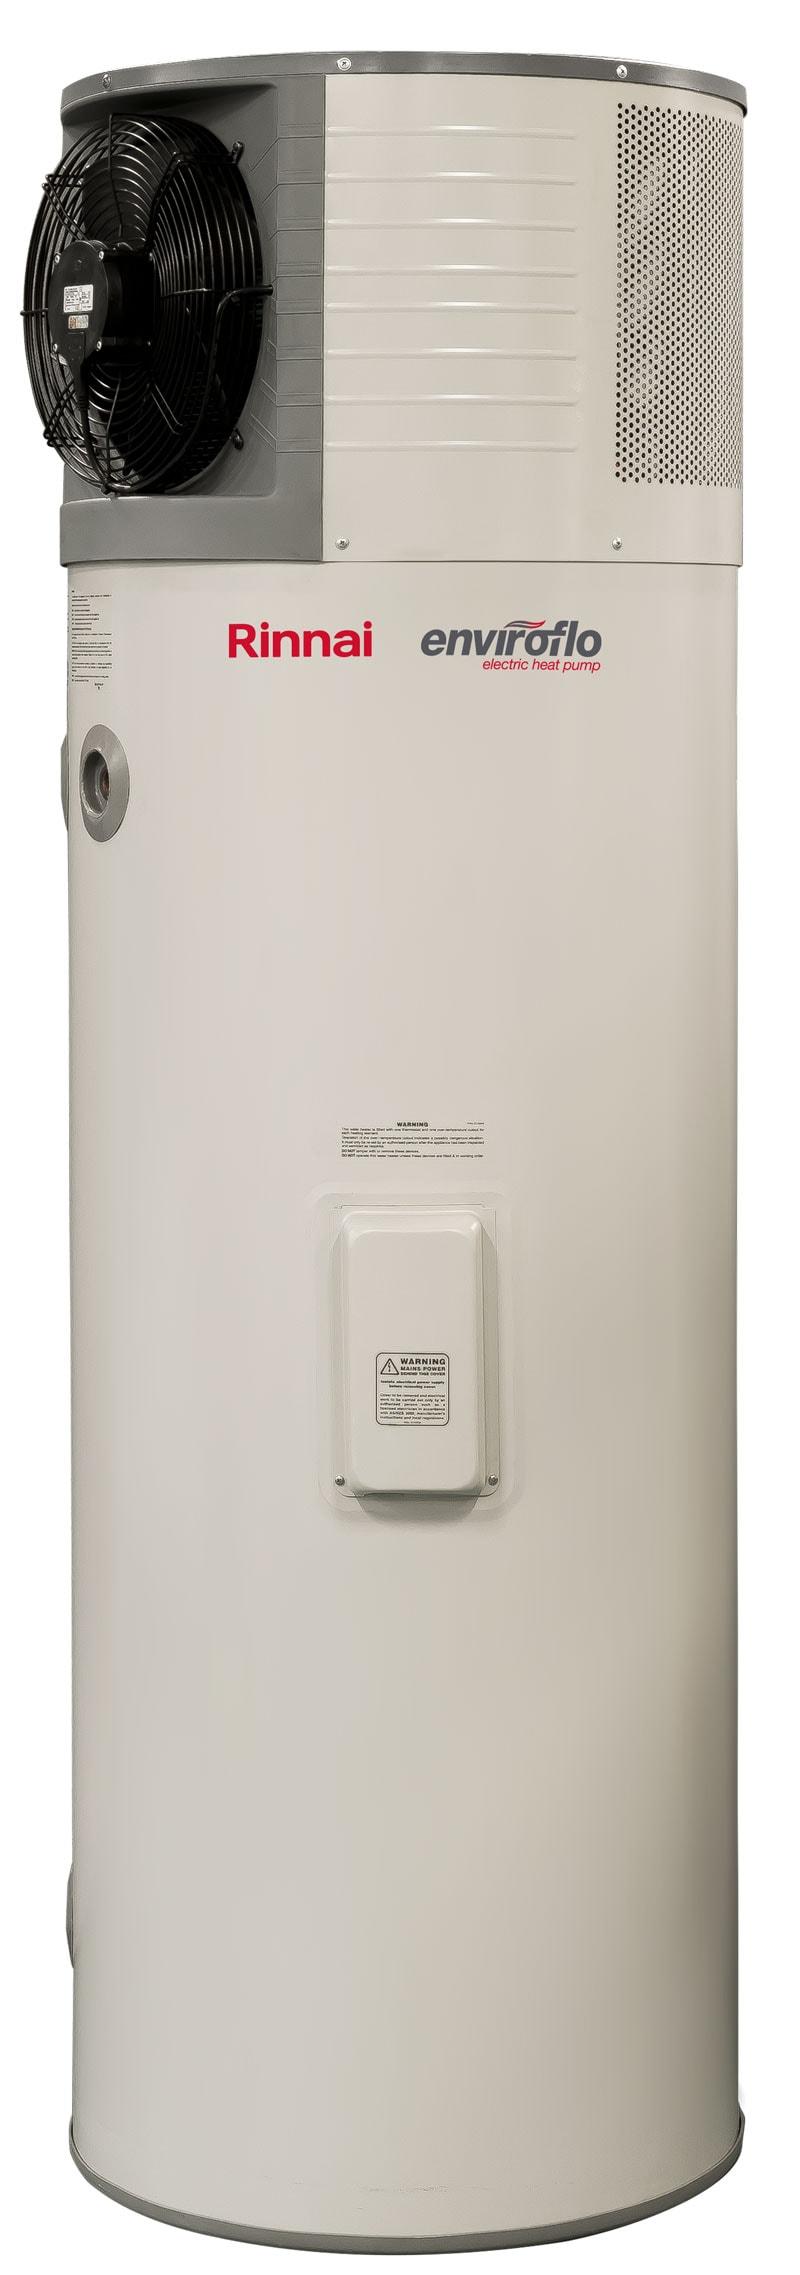 rinnai heat pump 315l Hot Water System